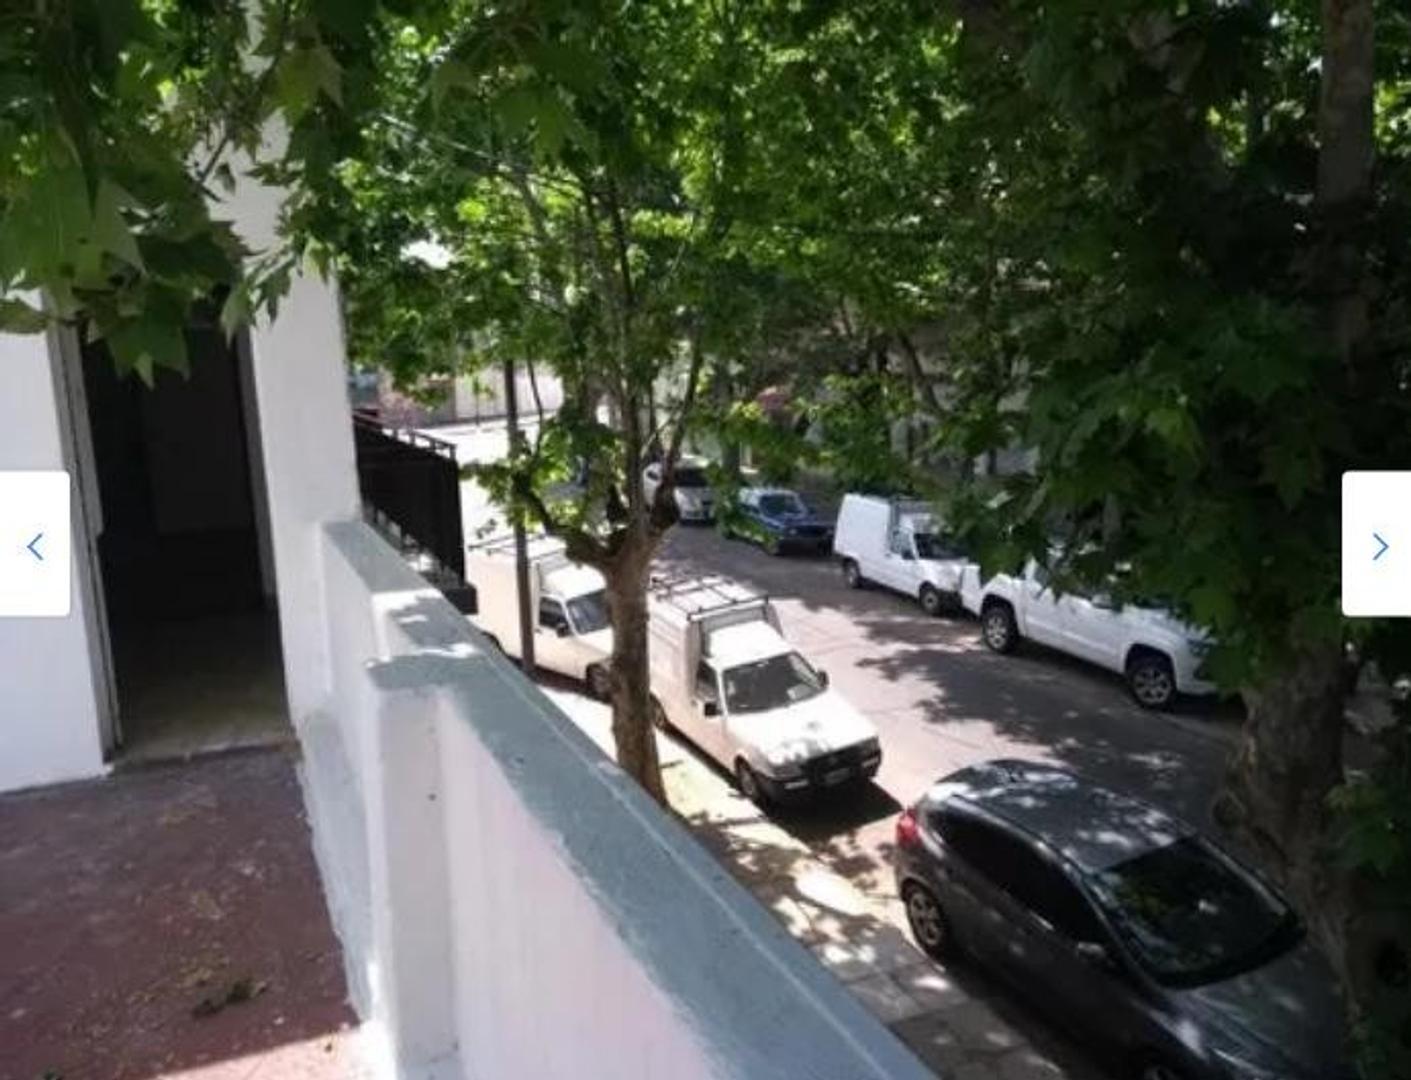 DEPARTAMENTO TIPO CASA 3 AMBIENTES EN PLANTA ALTA  | VILLA DEL PARQUE | CAPITAL FEDERAL - Foto 14